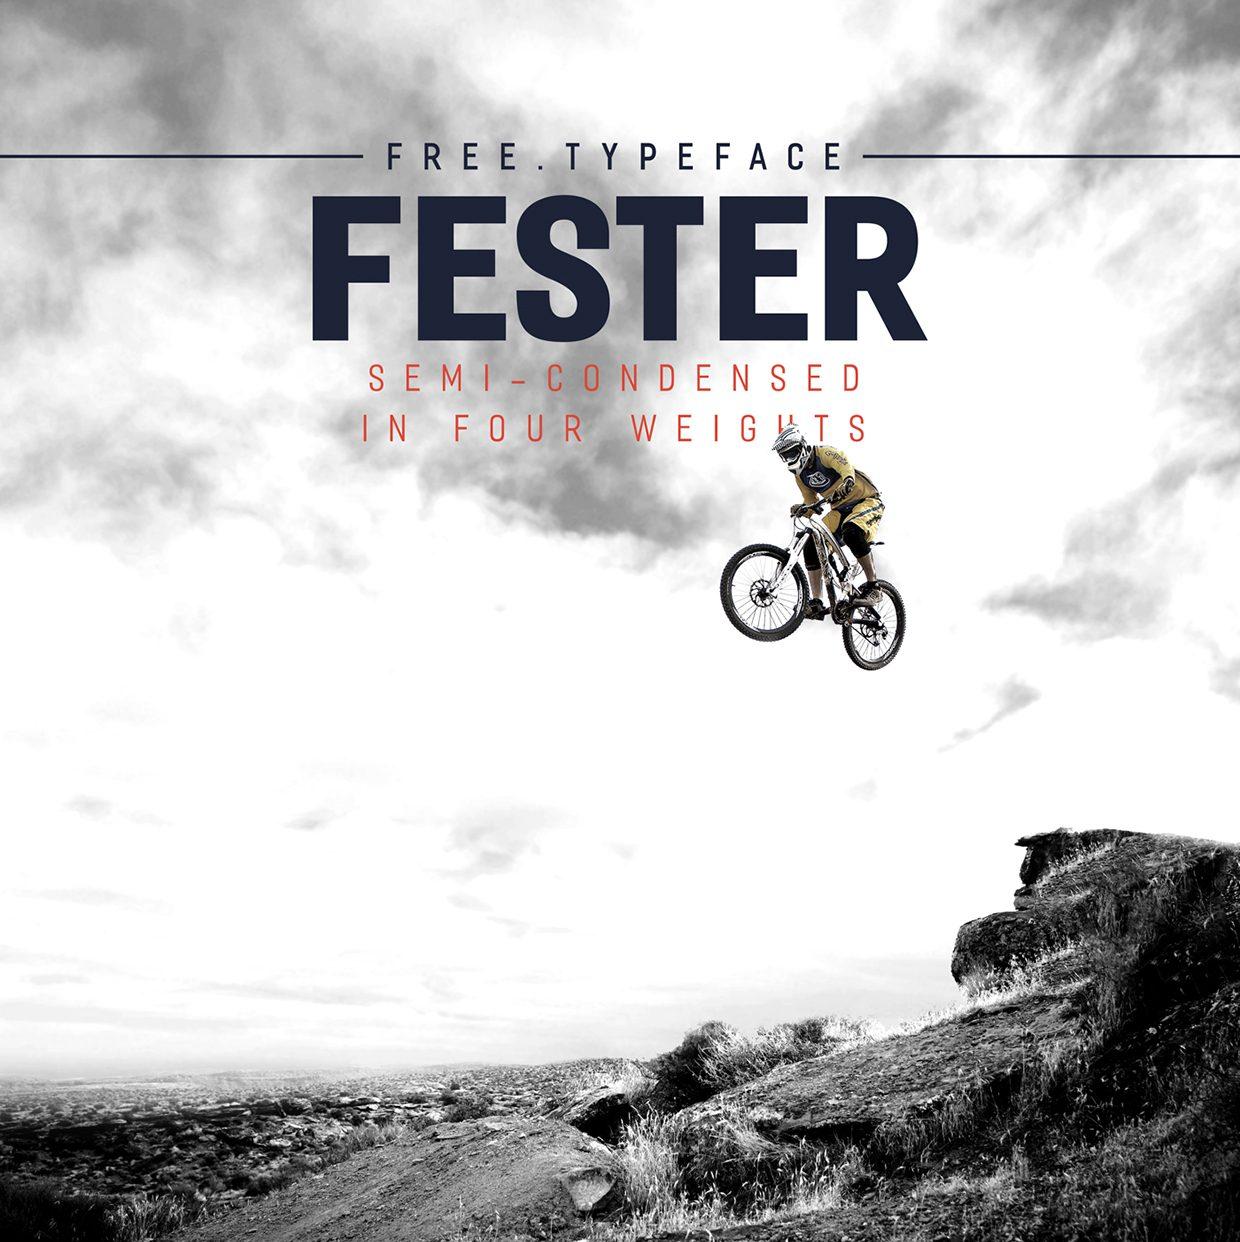 Fester Semi-condensed Bold font